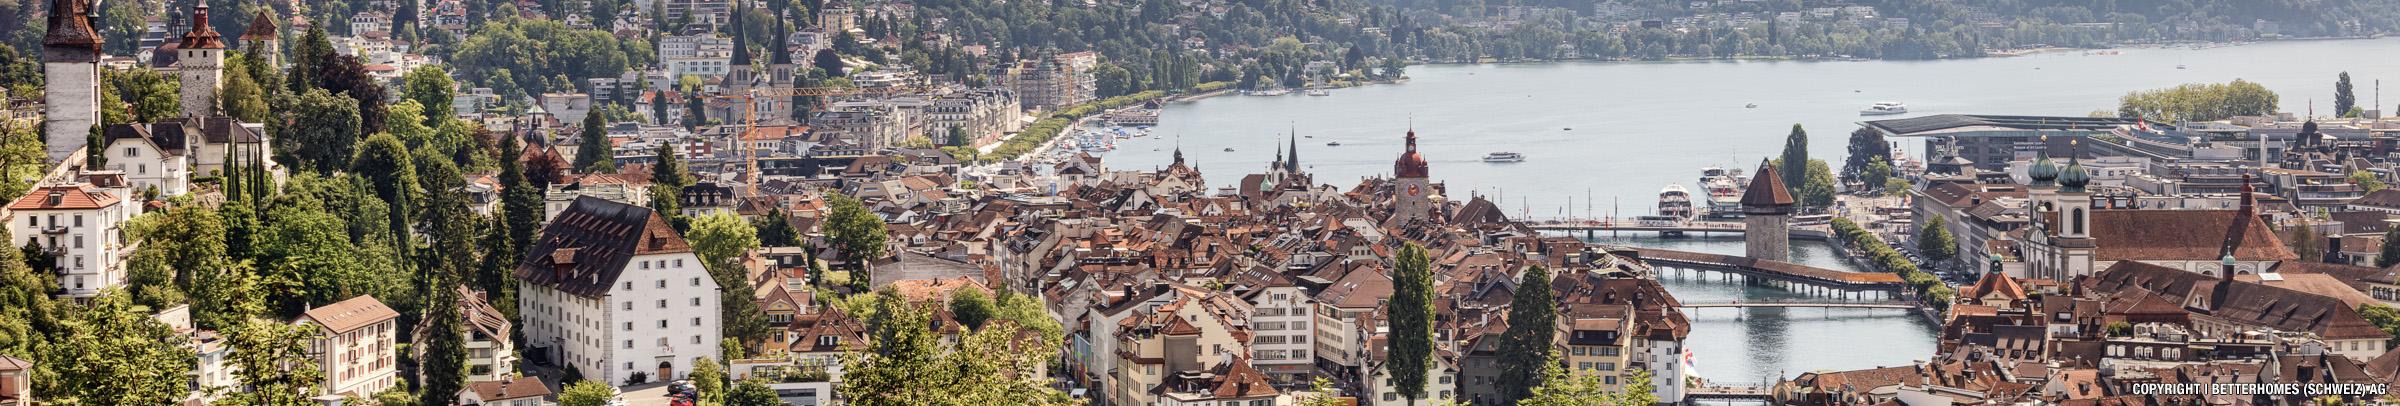 Luzern-.jpg